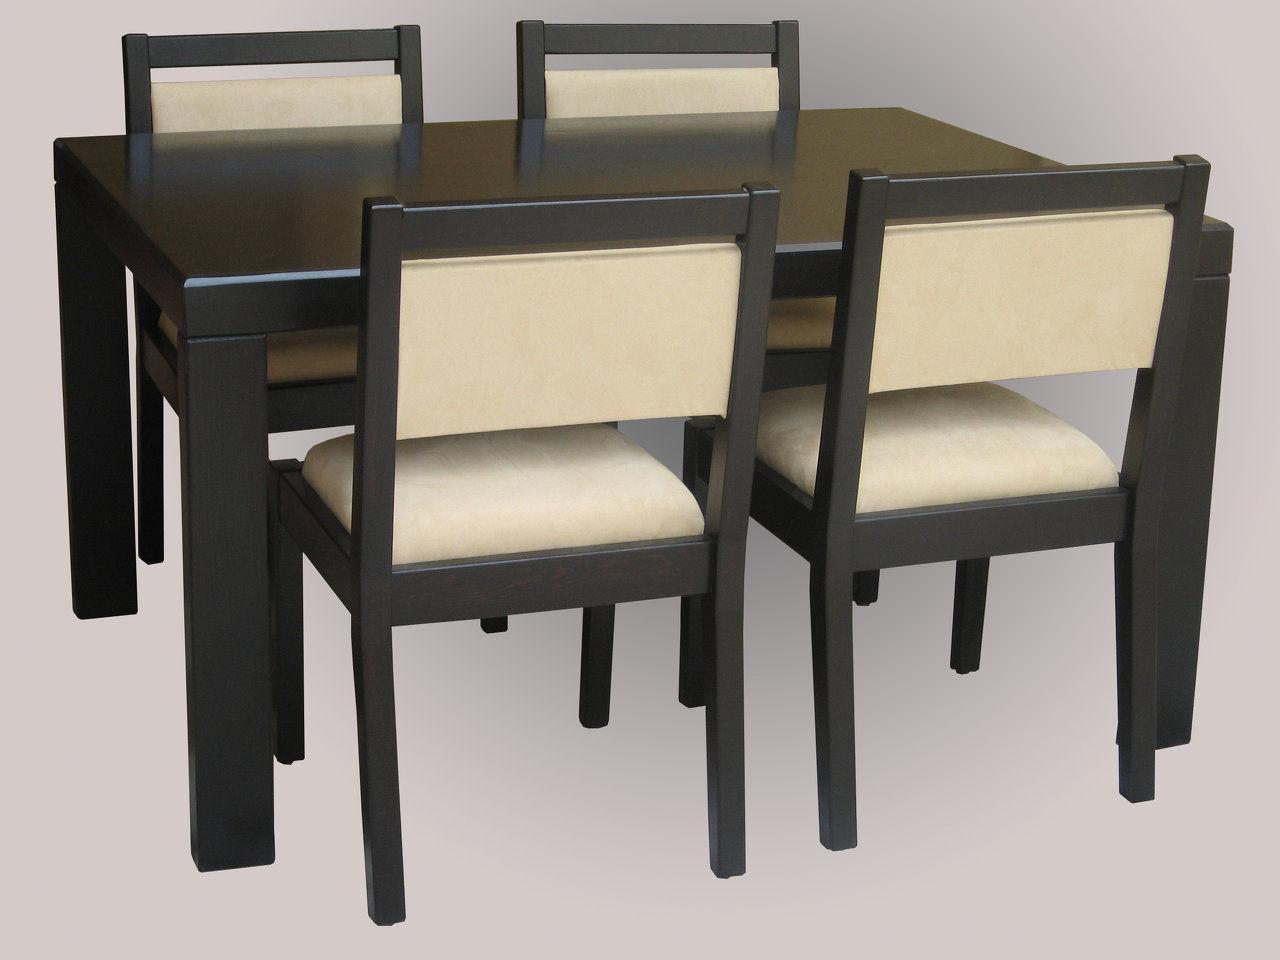 Muebles debuenaraiz comedores salas complementos gran - Comedores de calidad ...